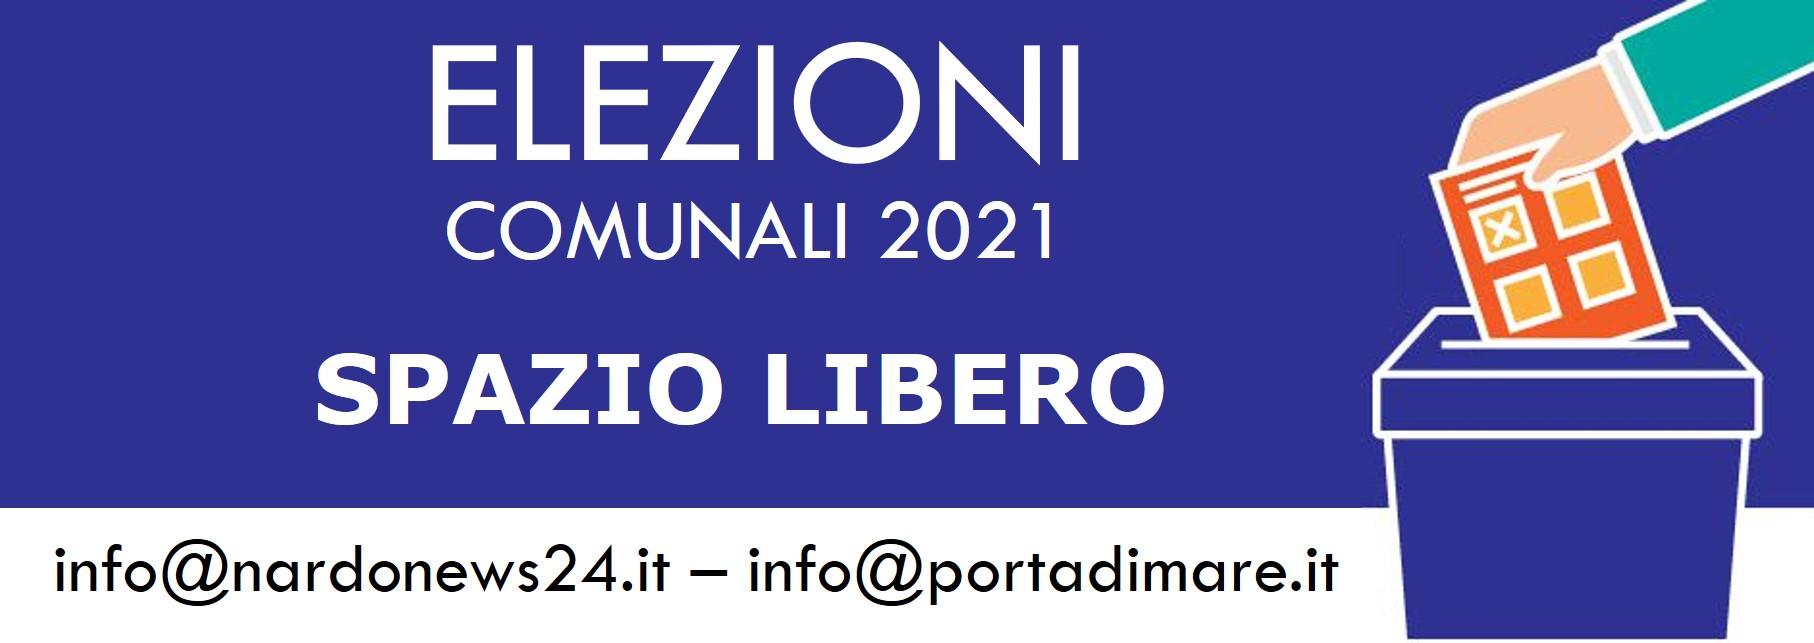 banner elezioni com_2021